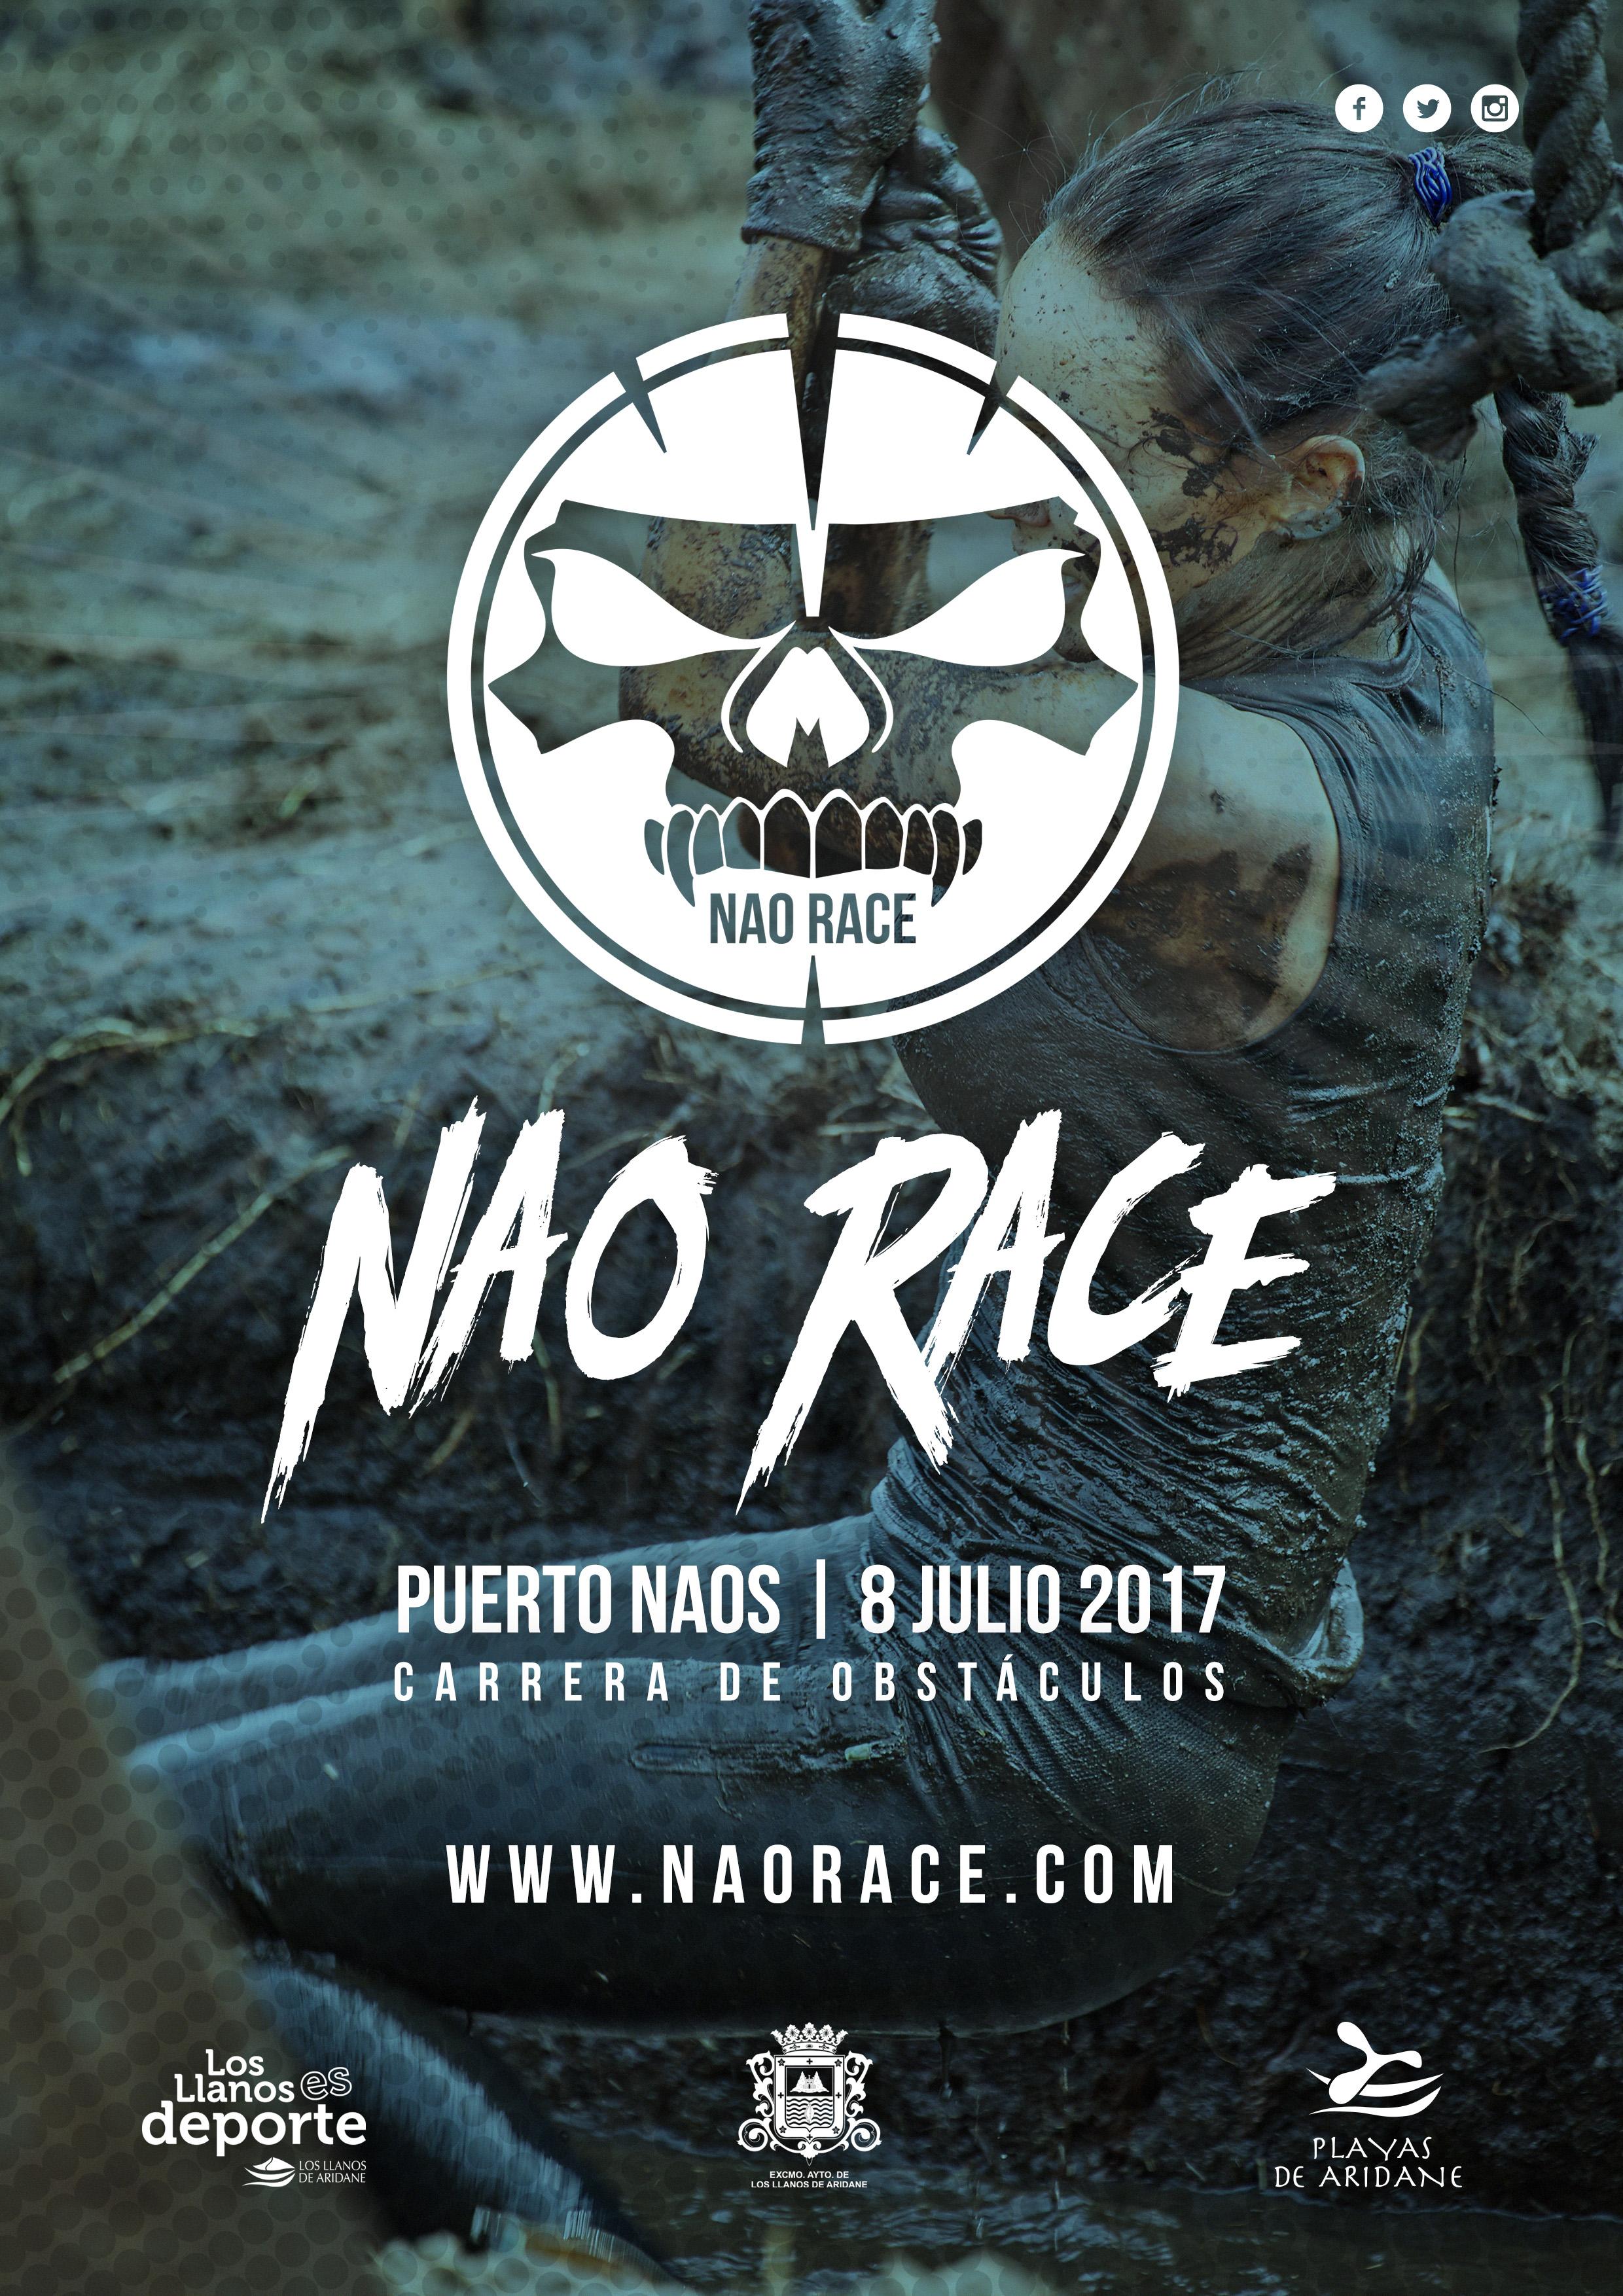 NAORACE2017